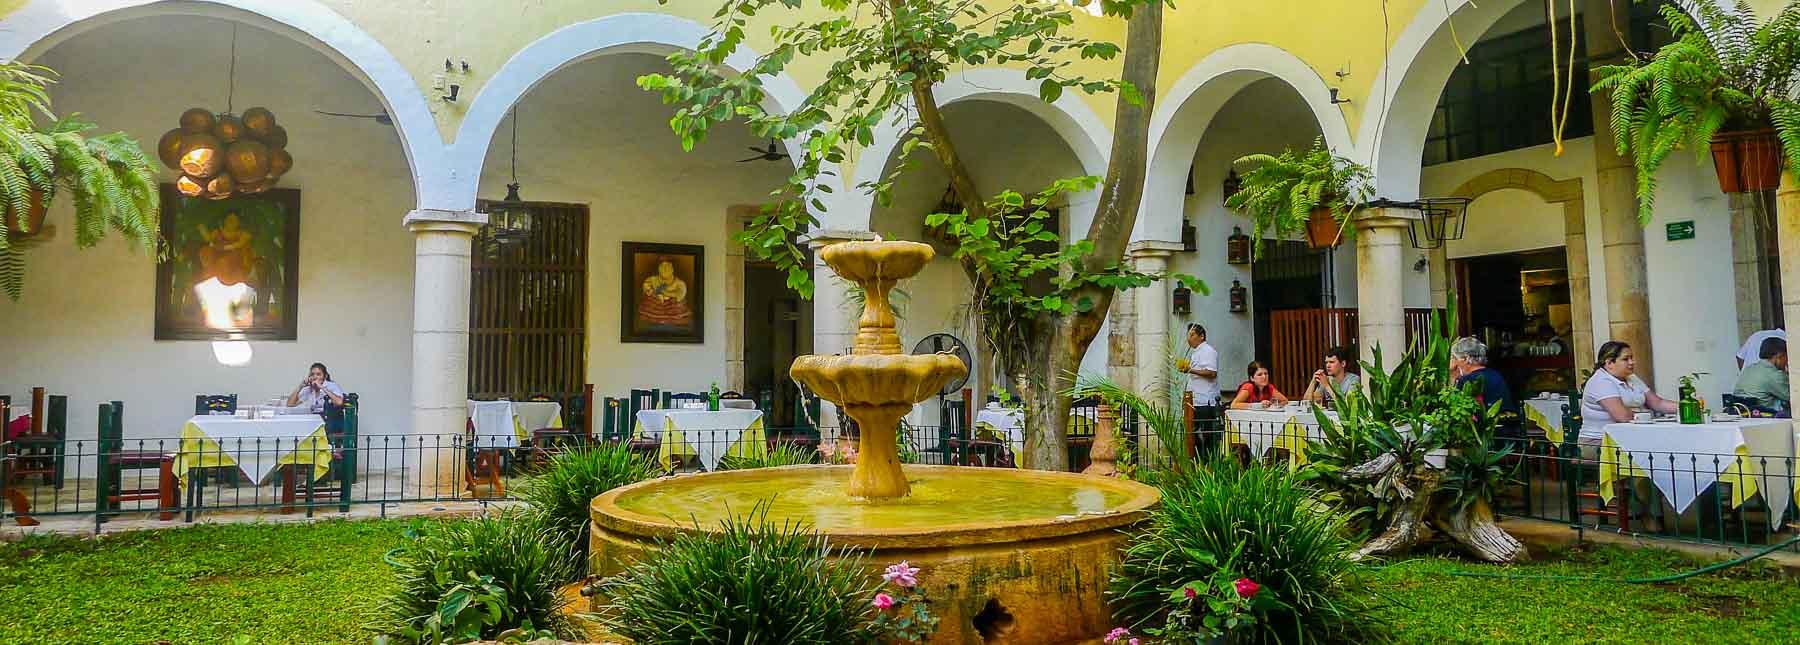 Courtyard restaurant at Valladolid hotel.